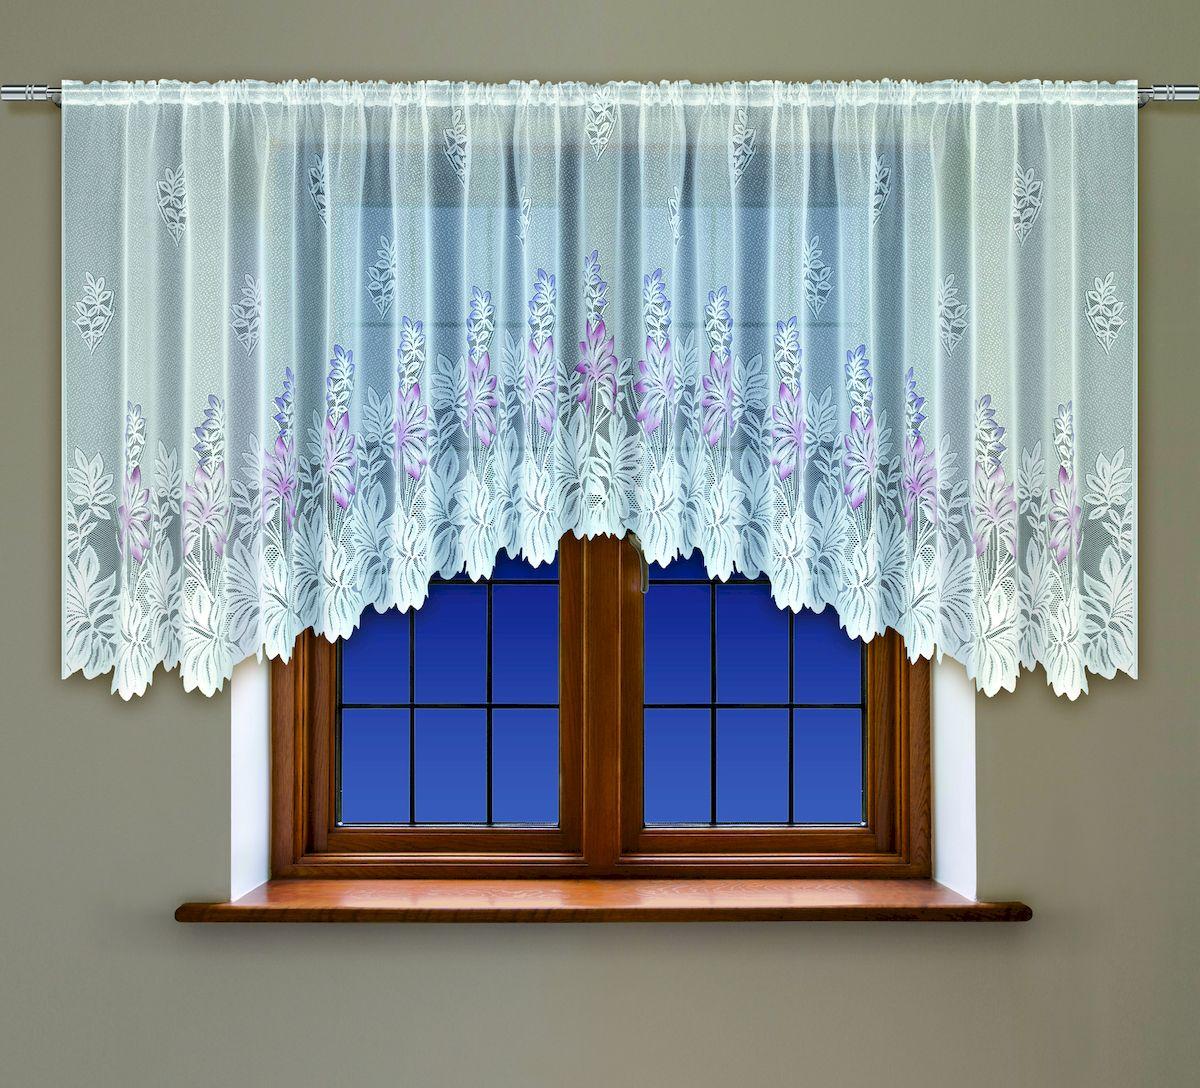 Гардина Haft, на кулиске, цвет: белый, высота 160 см. 20053060276Воздушная гардина Haft, выполненная из полиэстера, великолепно украсит любое окно.Изделие имеет оригинальный дизайн и органично впишется в интерьер помещения.Гардина крепится на карниз при помощи кулиски.